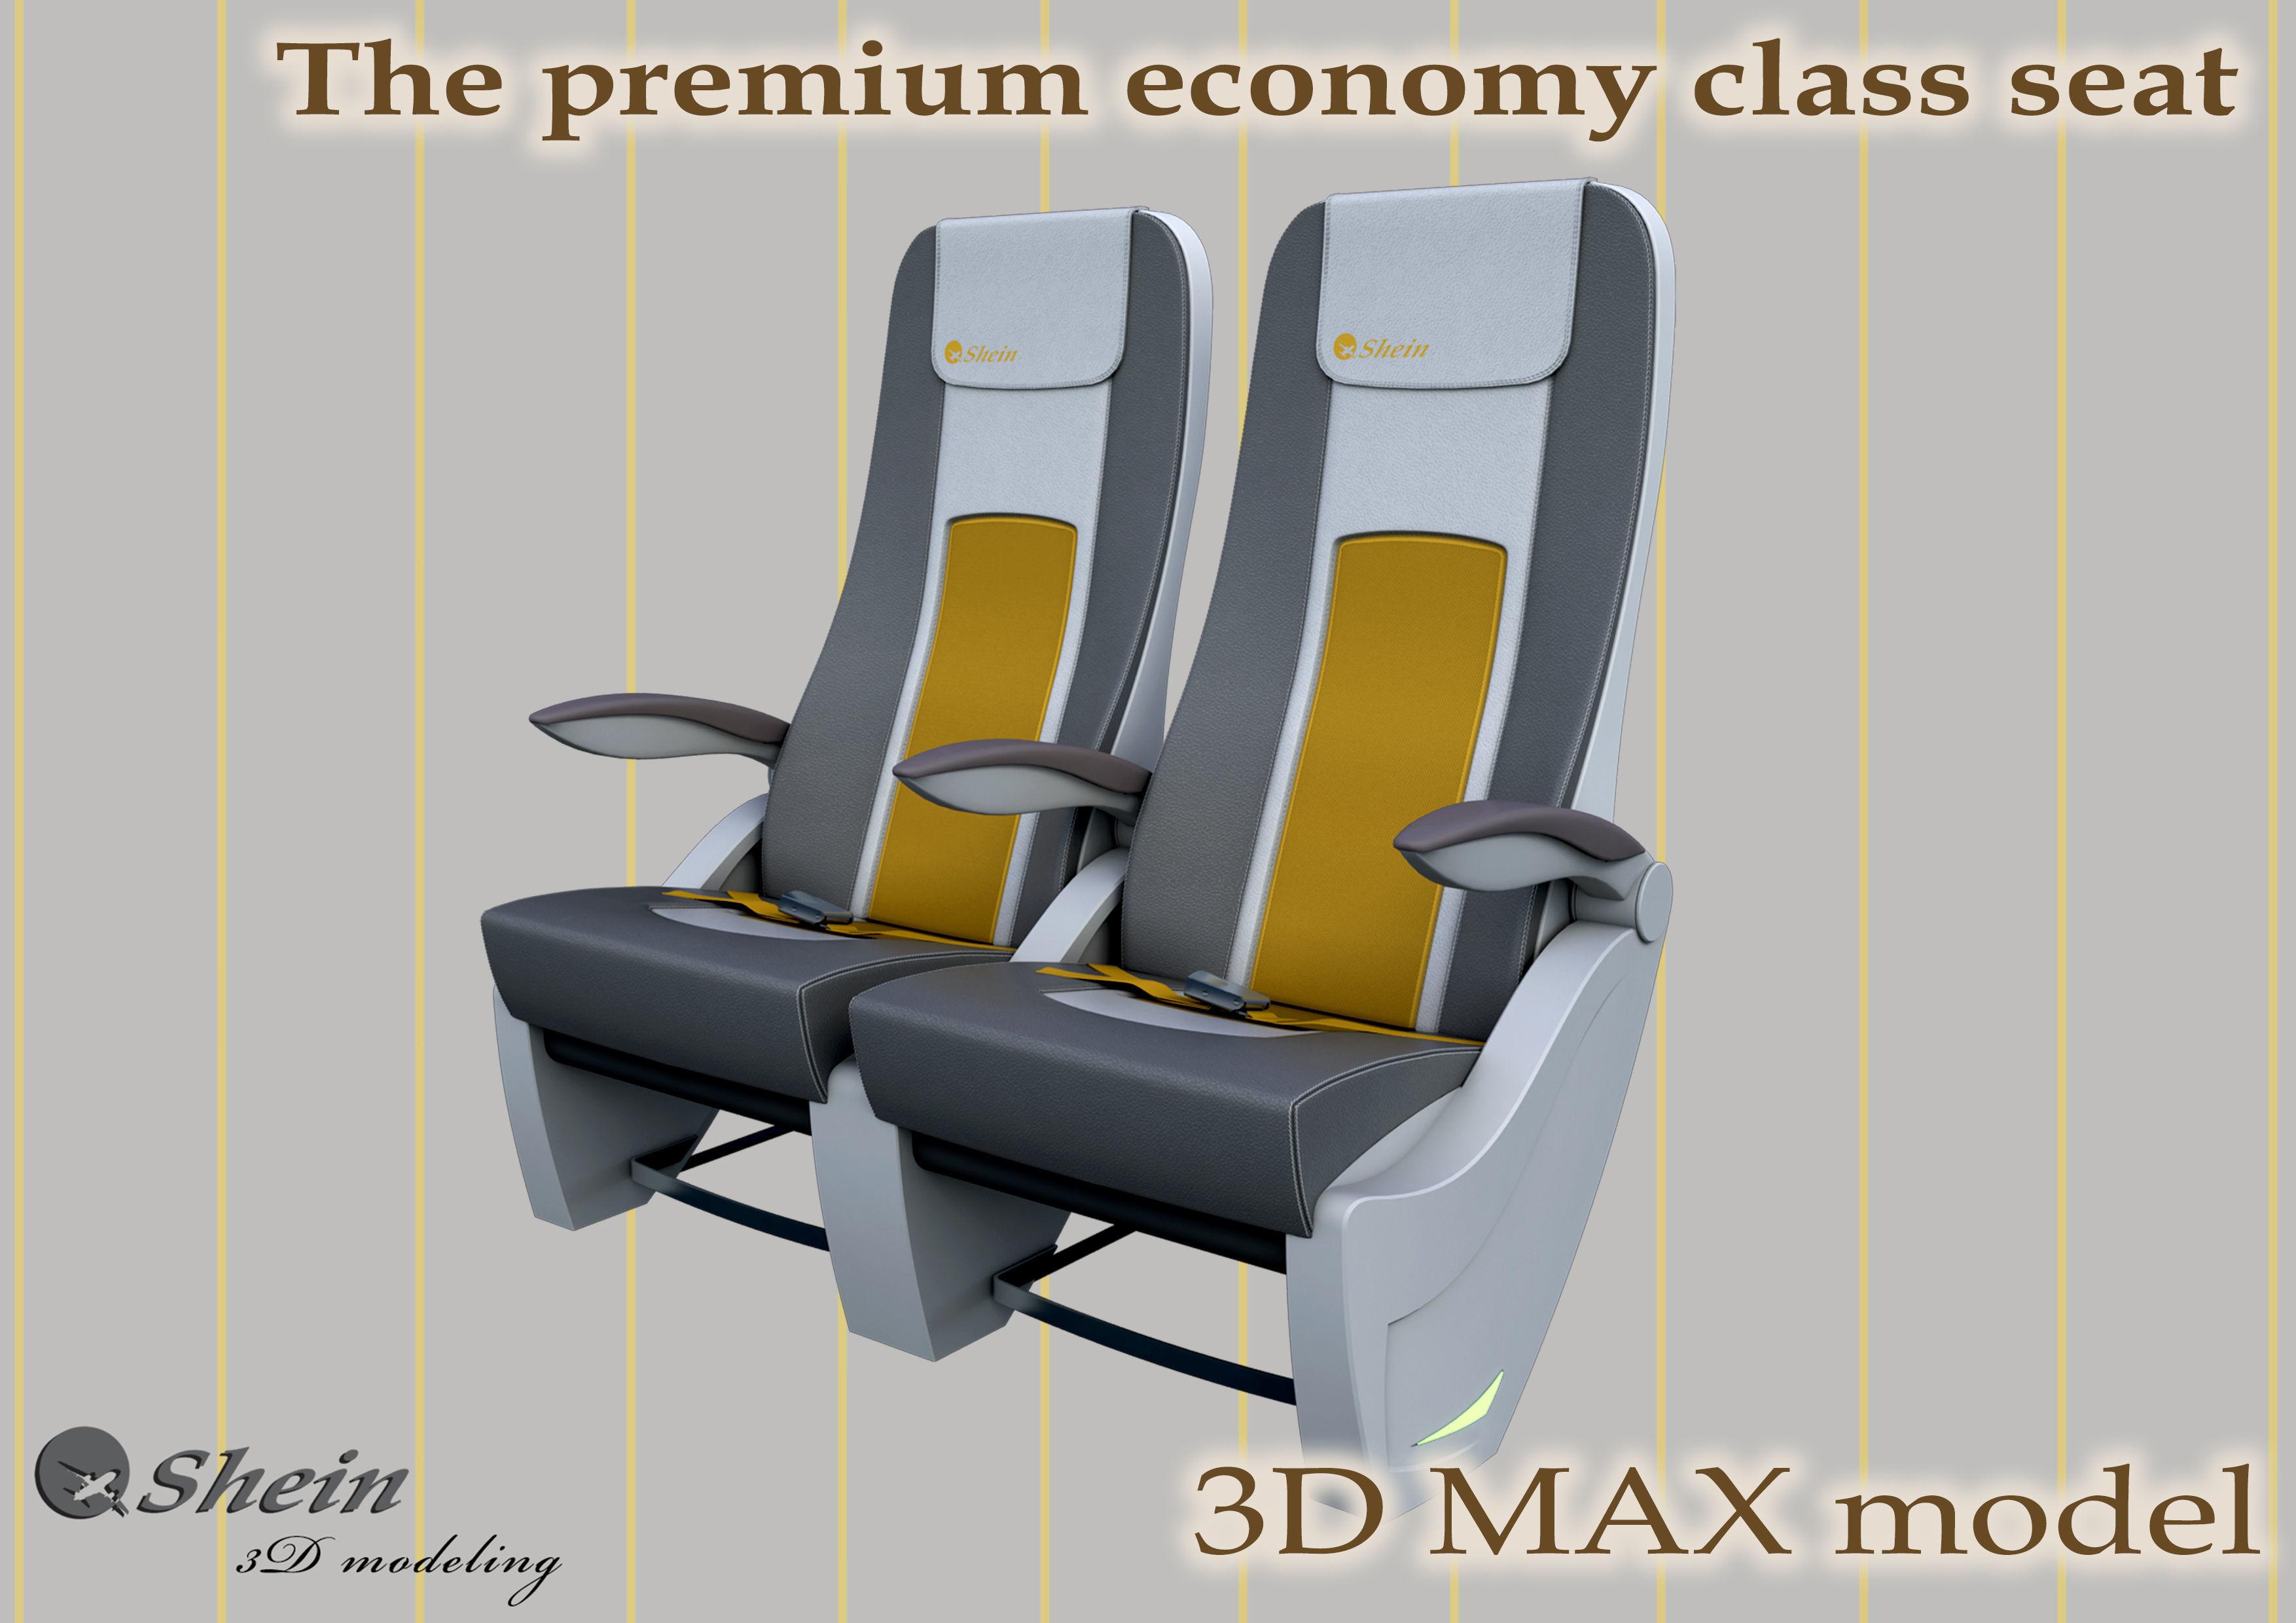 The premium economy class seat